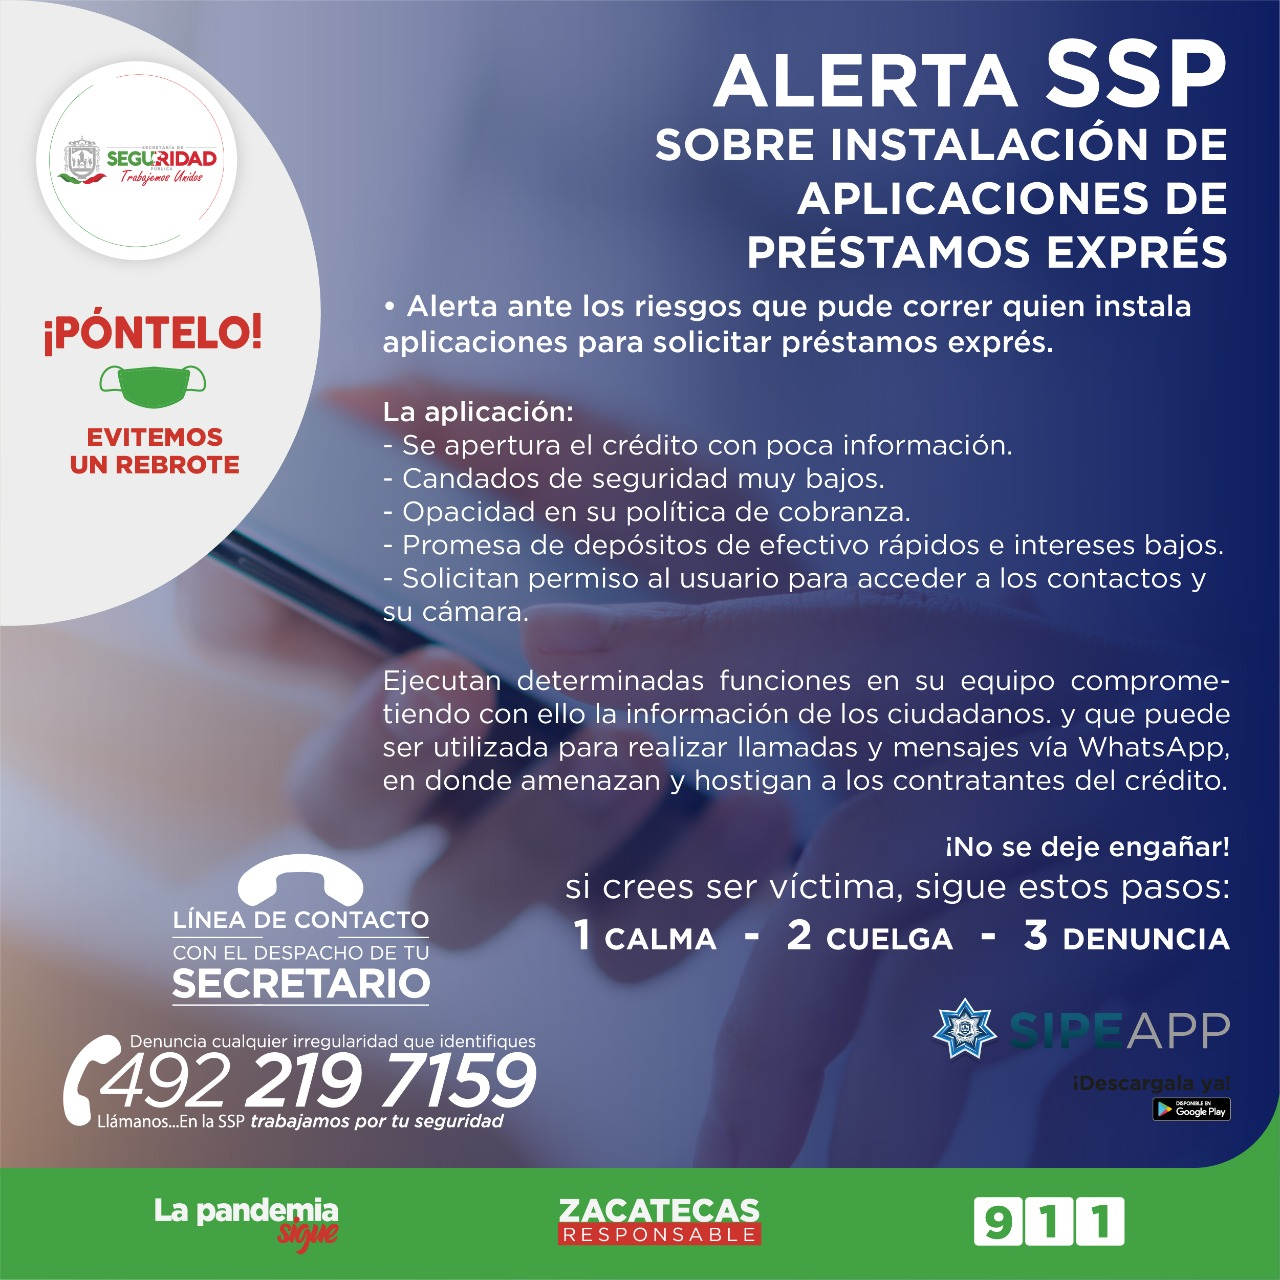 ALERTA SSP SOBRE INSTALACIÓN DE APLICACIONES DE PRÉSTAMOS EXPRÉS